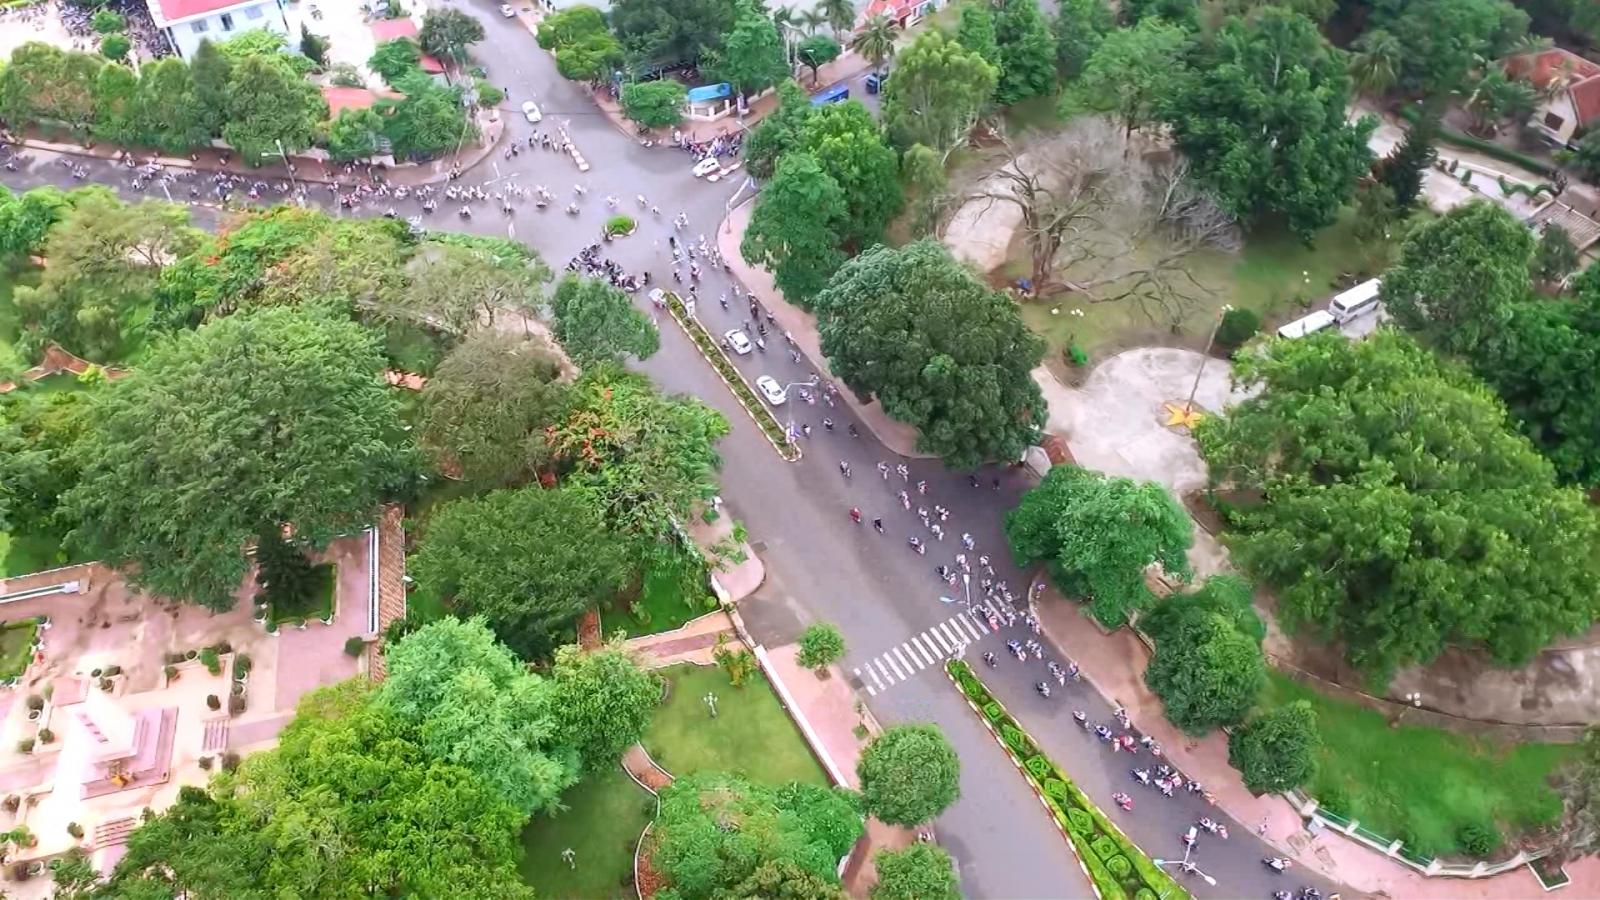 VIDEO Diễu hành xe đạp hoa mừng Phật đản PL. 2562 – DL 2018